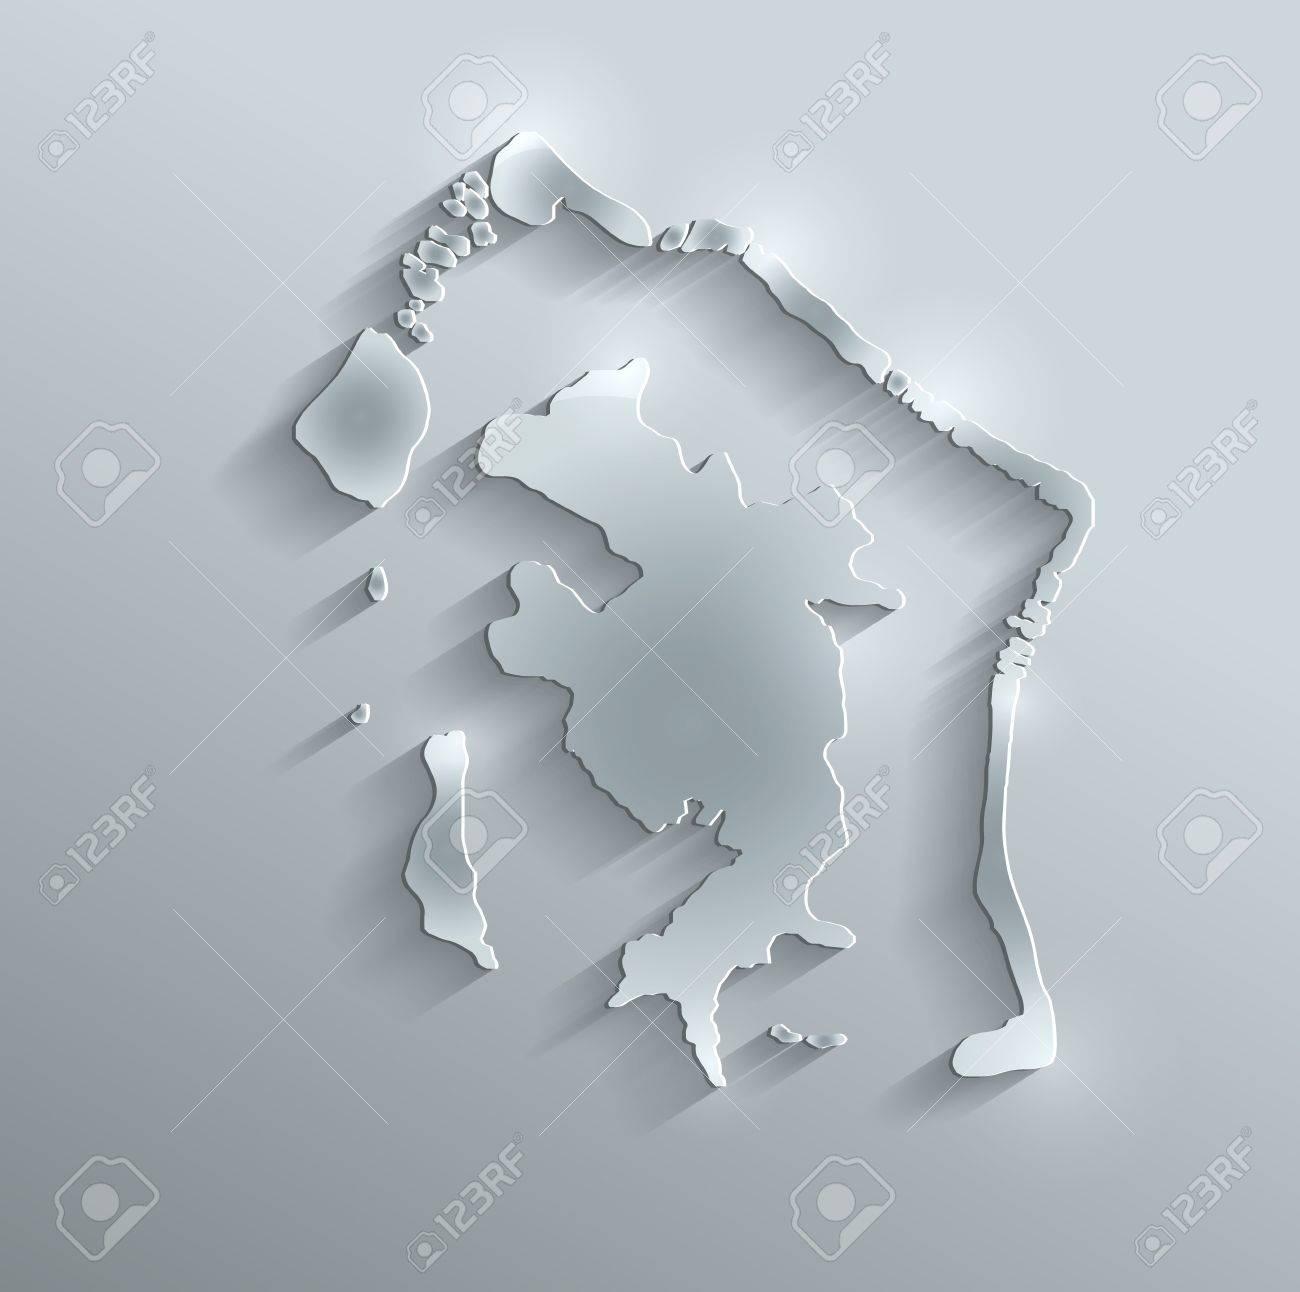 Bora Bora Karte Glas Kartenpapier 3d Raster Franzosisch Polynesien Lizenzfreie Fotos Bilder Und Stock Fotografie Image 47395062